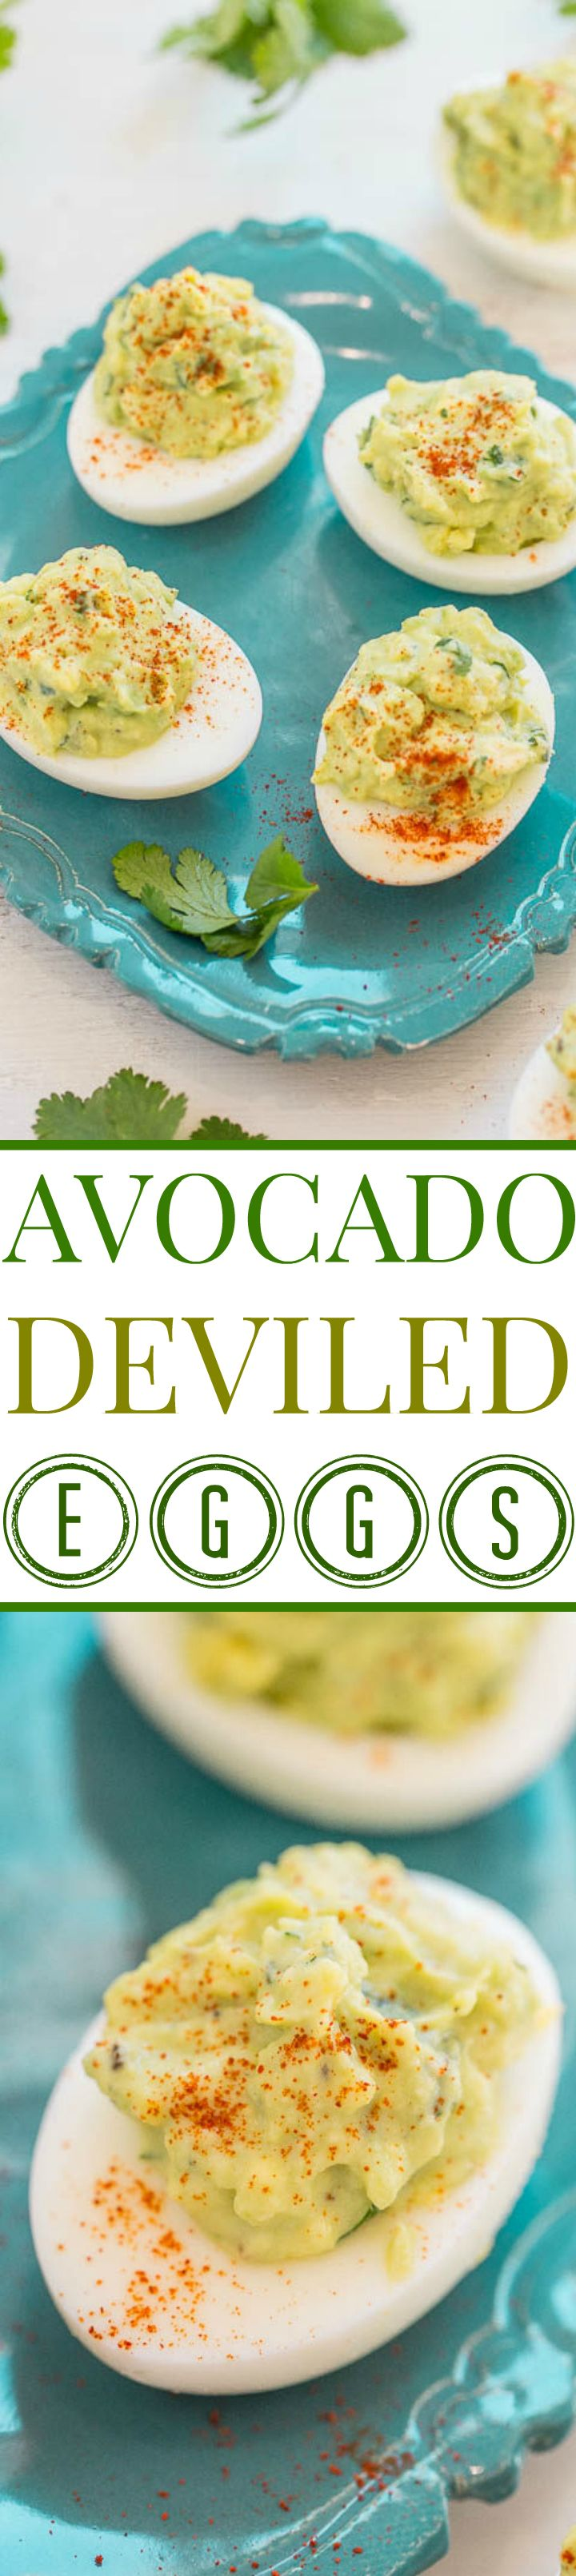 Avocado Deviled Eggs - Averie Cooks